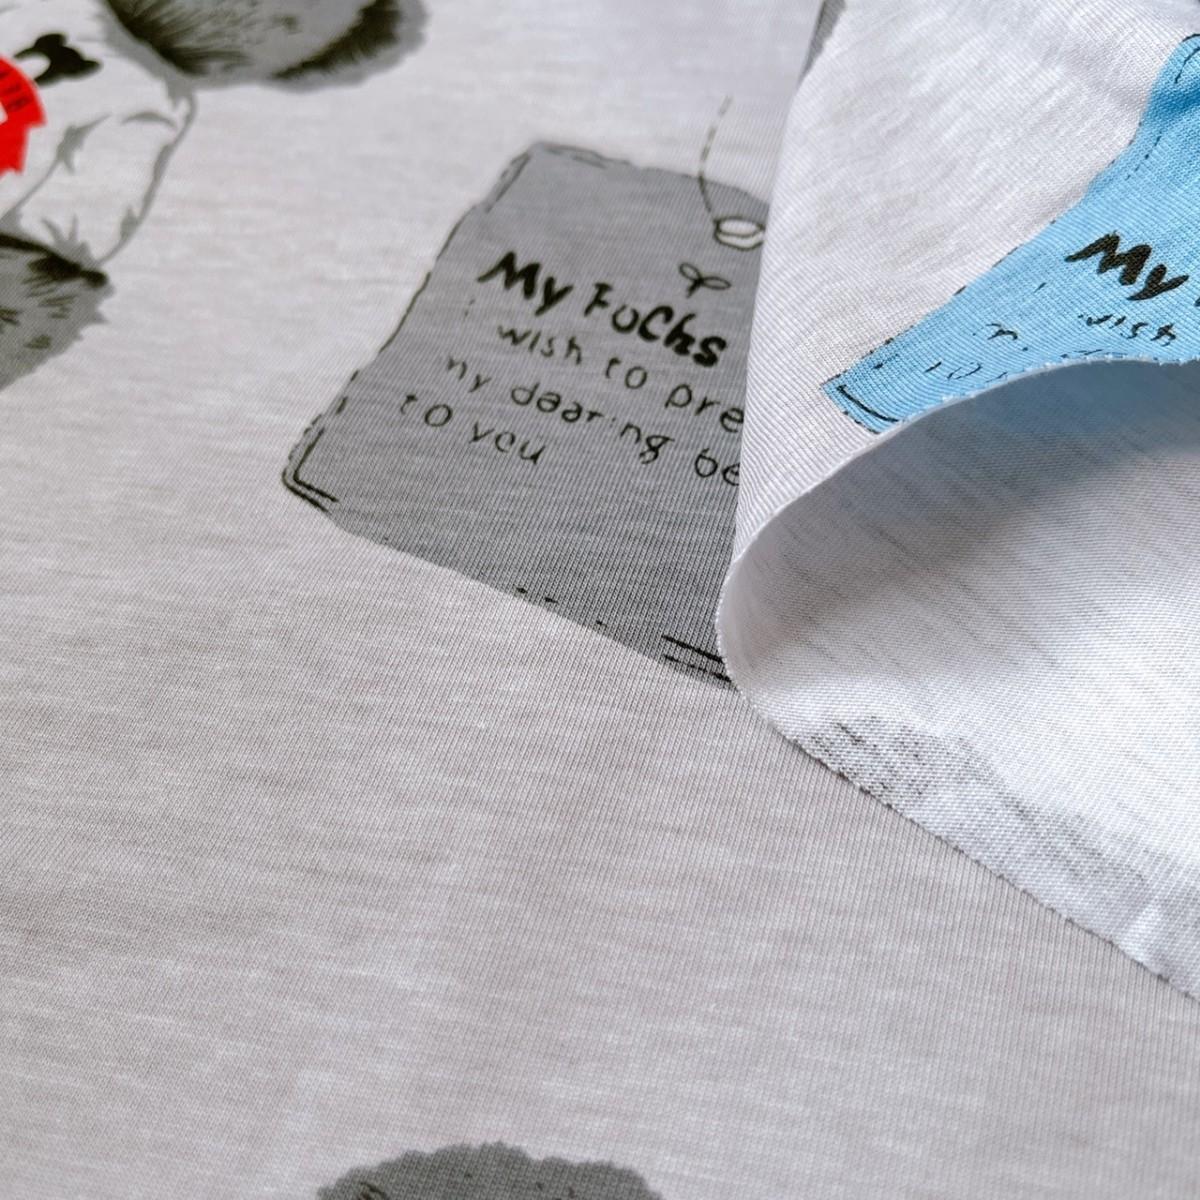 色が変化! テディベア Tシャツニット 生地 くま クマ くまさん 布 ハギレ はぎれ ハンドメイド ニット生地 コットン